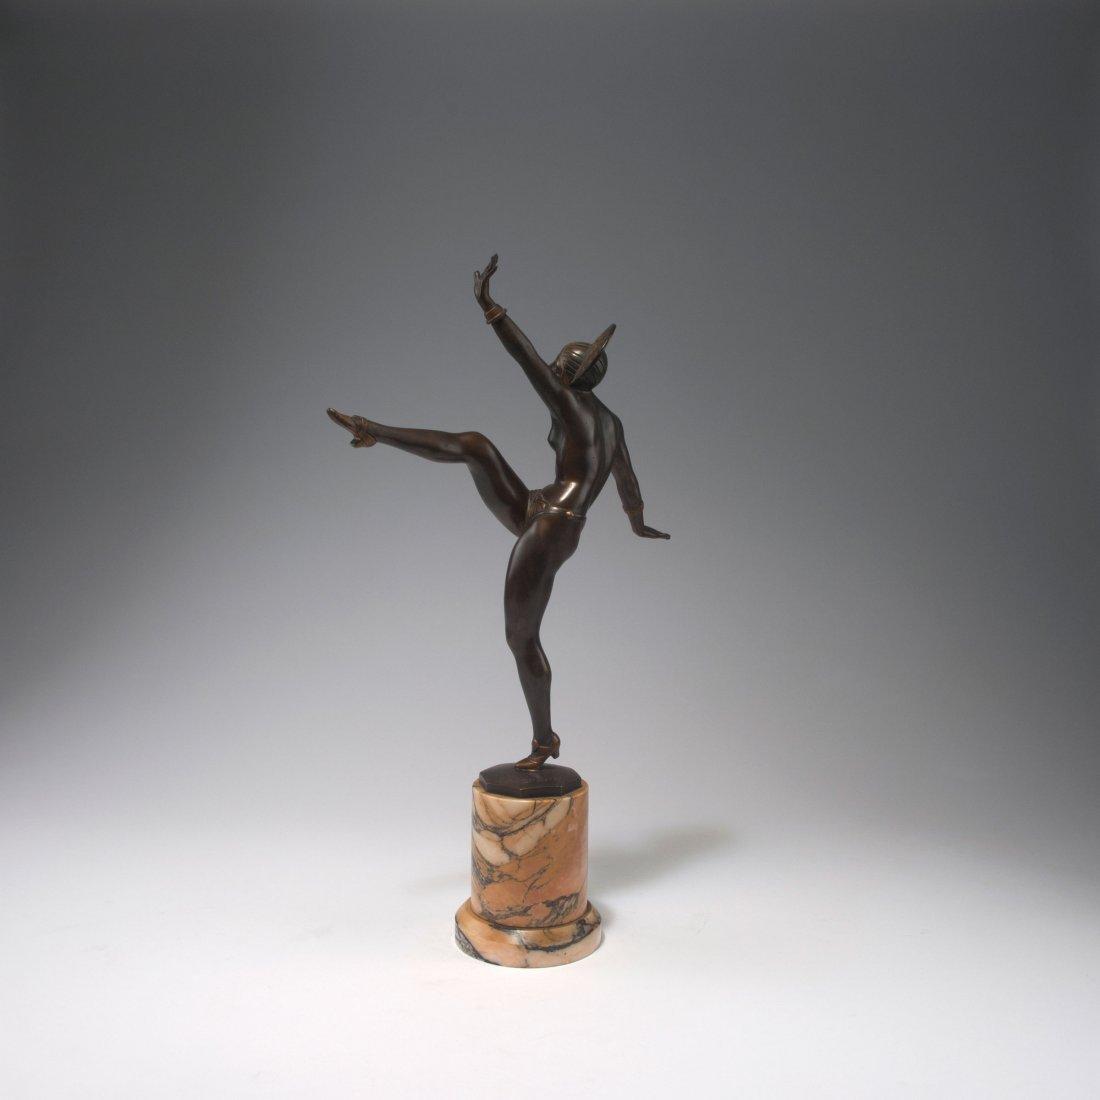 'High Kicker', 1920s - 2